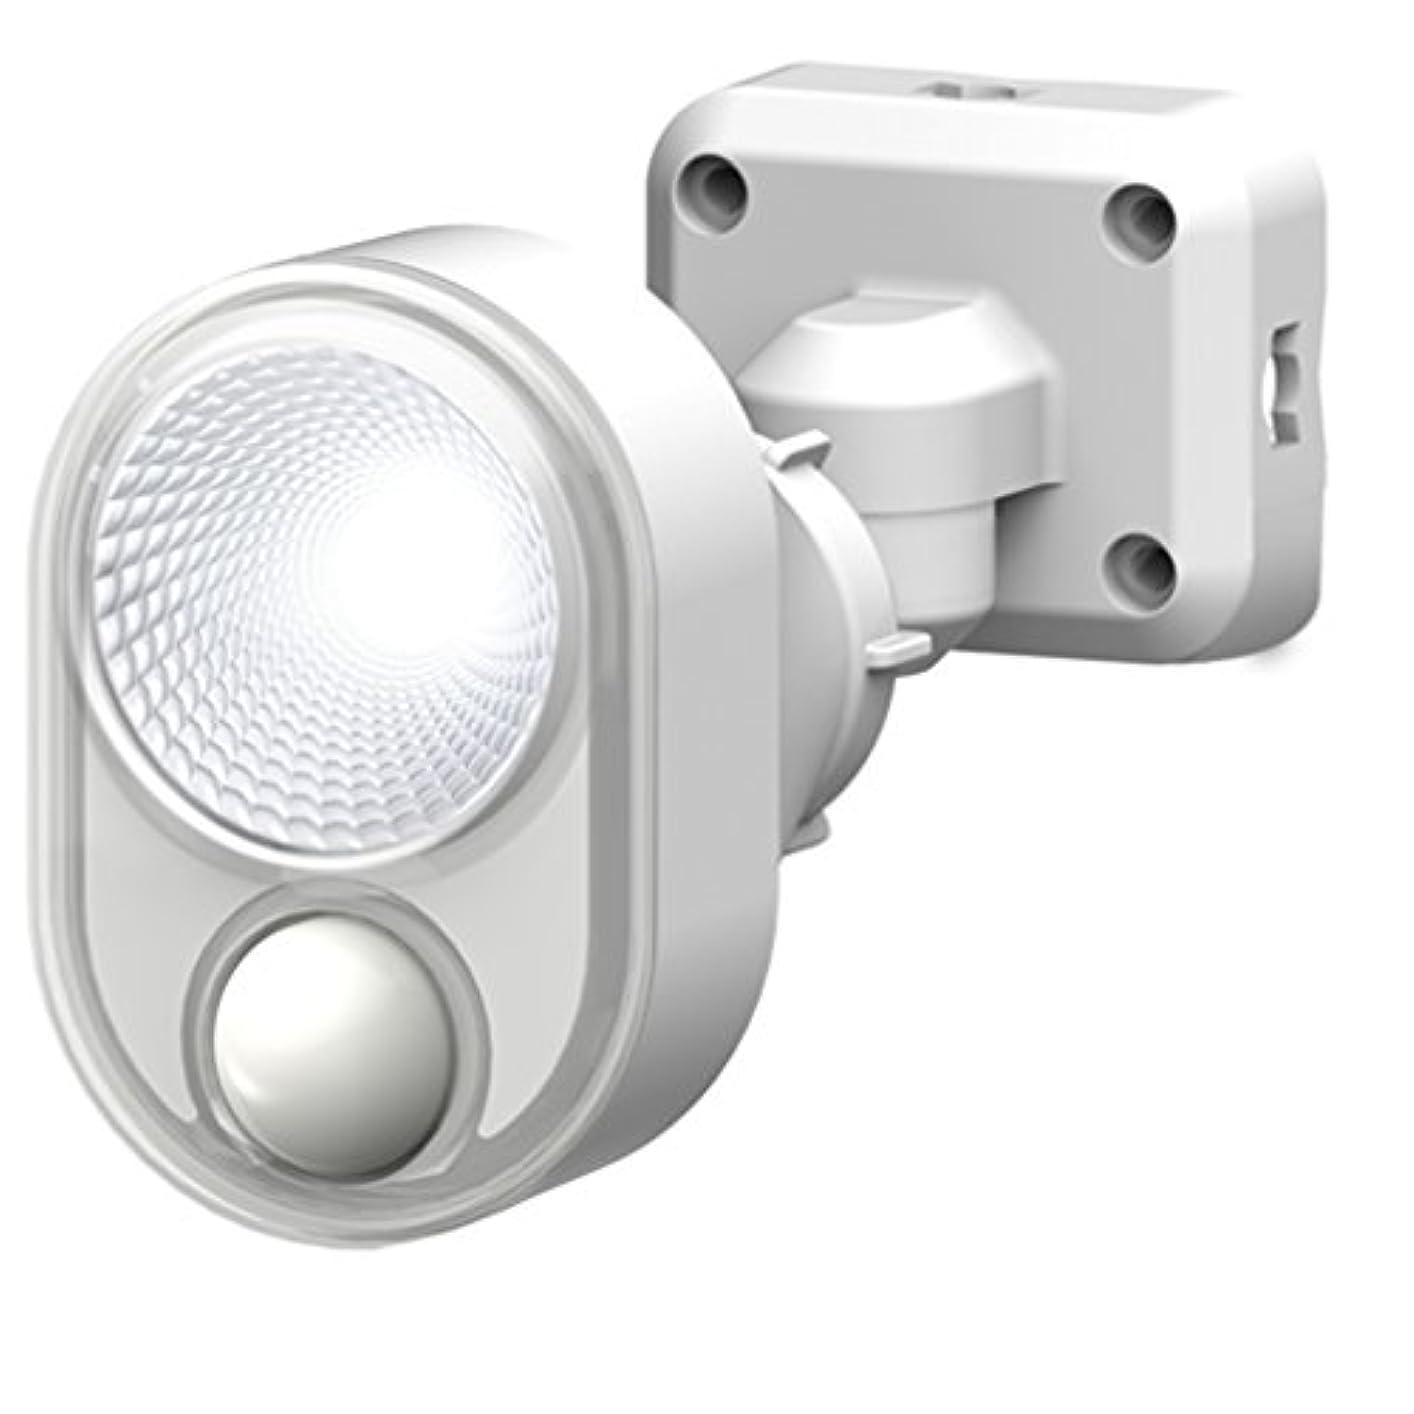 逃げる思いやりスキッパームサシ RITEX フリーアーム式LEDセンサーライト(4W×1灯)防雨タイプ コンセント式 ホワイト LED-AC103